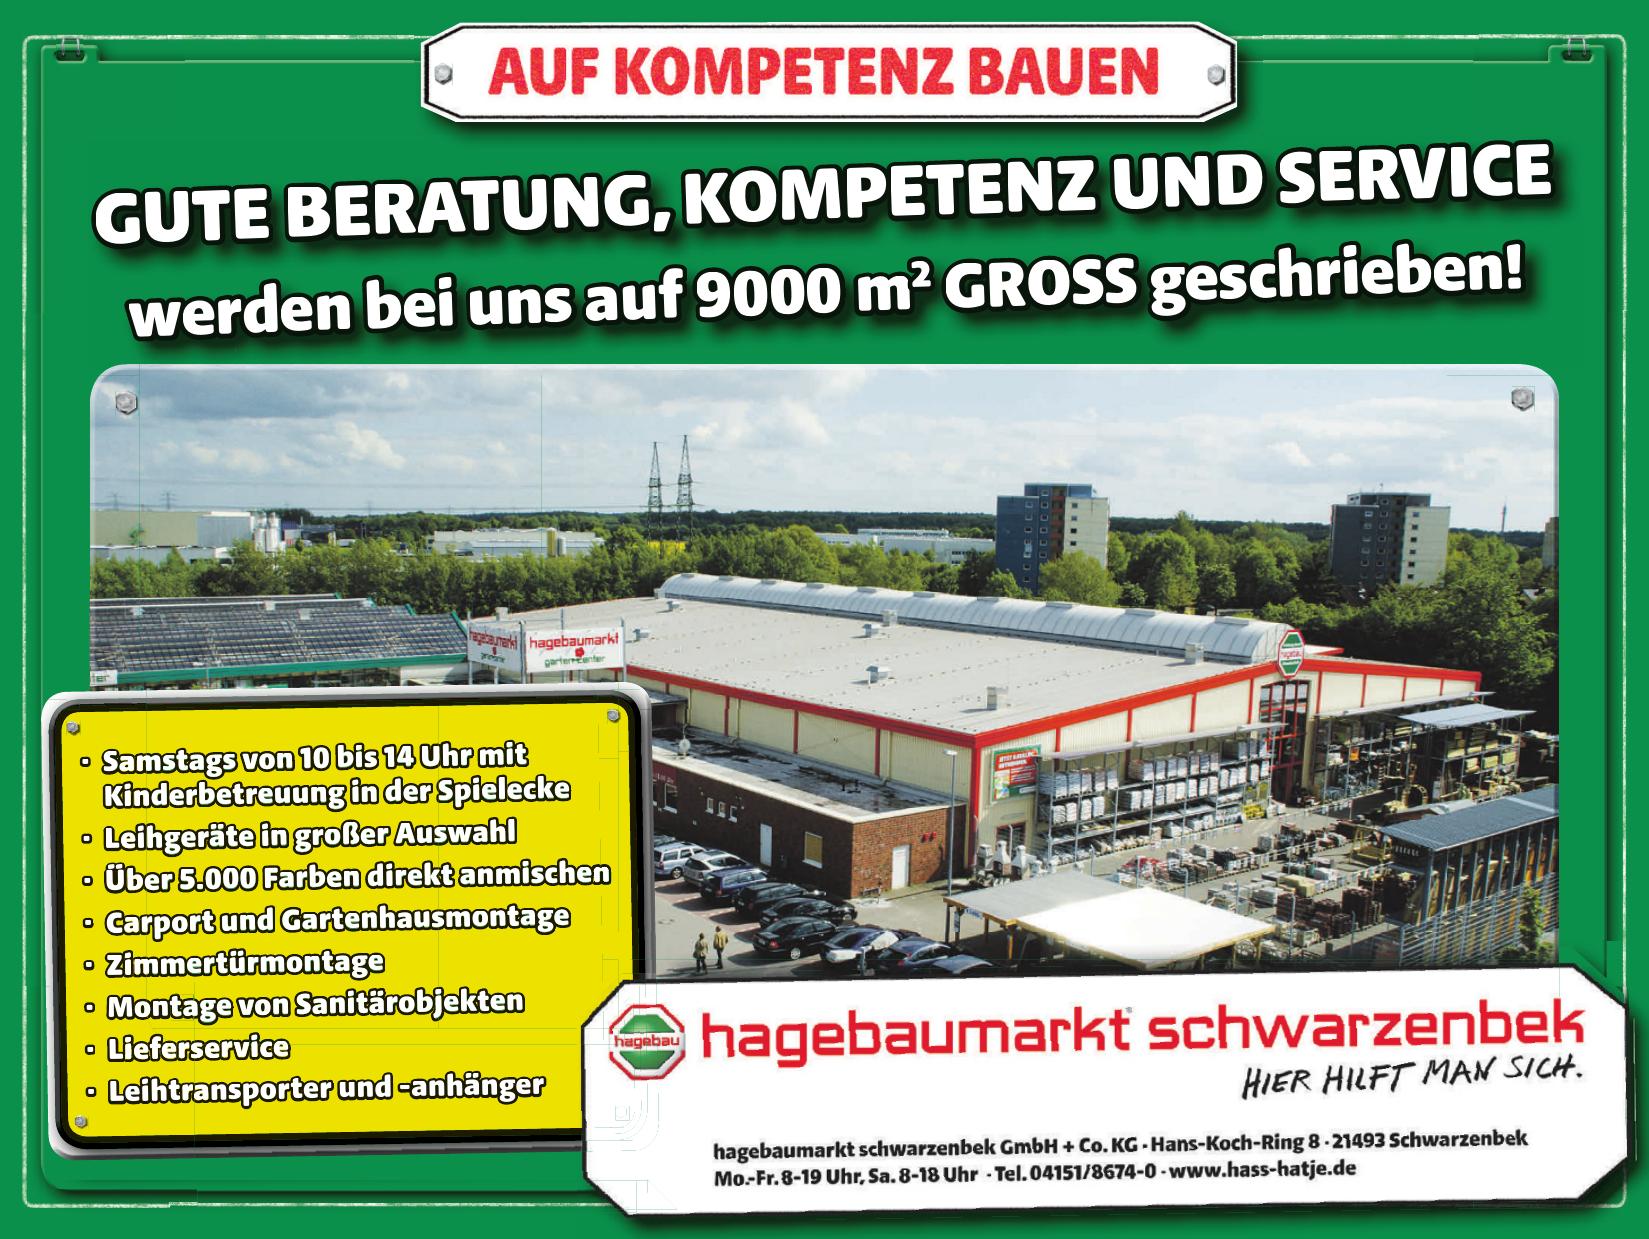 hagebaumarkt schwarzenbek GmbH & Co. KG